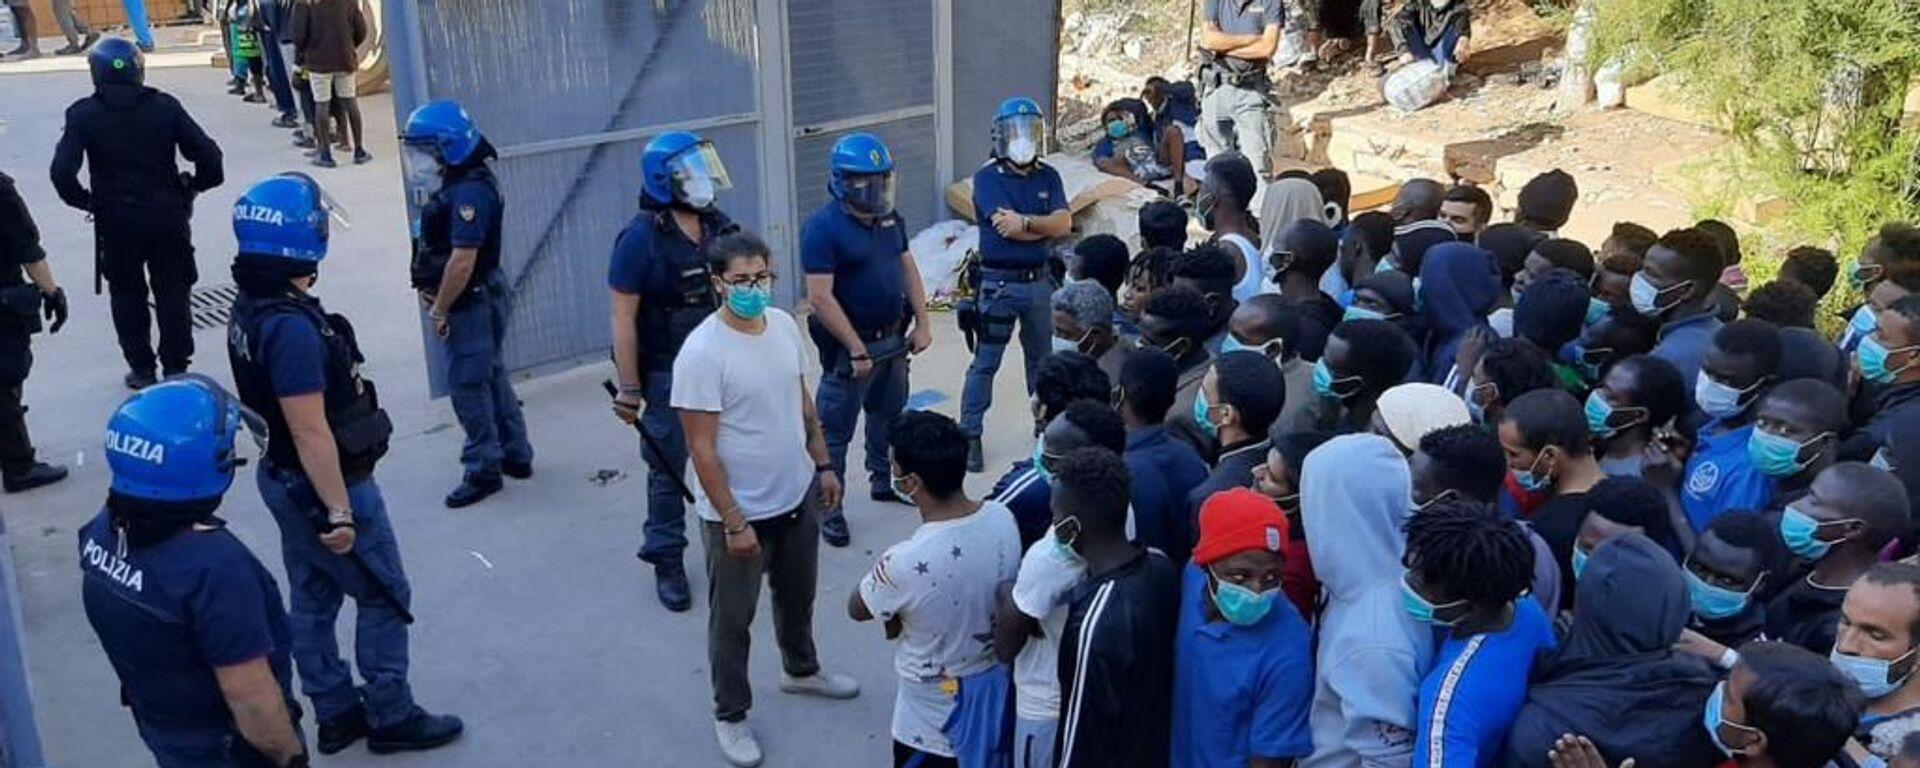 Migranti nel centro di accoglienza di Lampedusa - Sputnik Italia, 1920, 15.05.2021